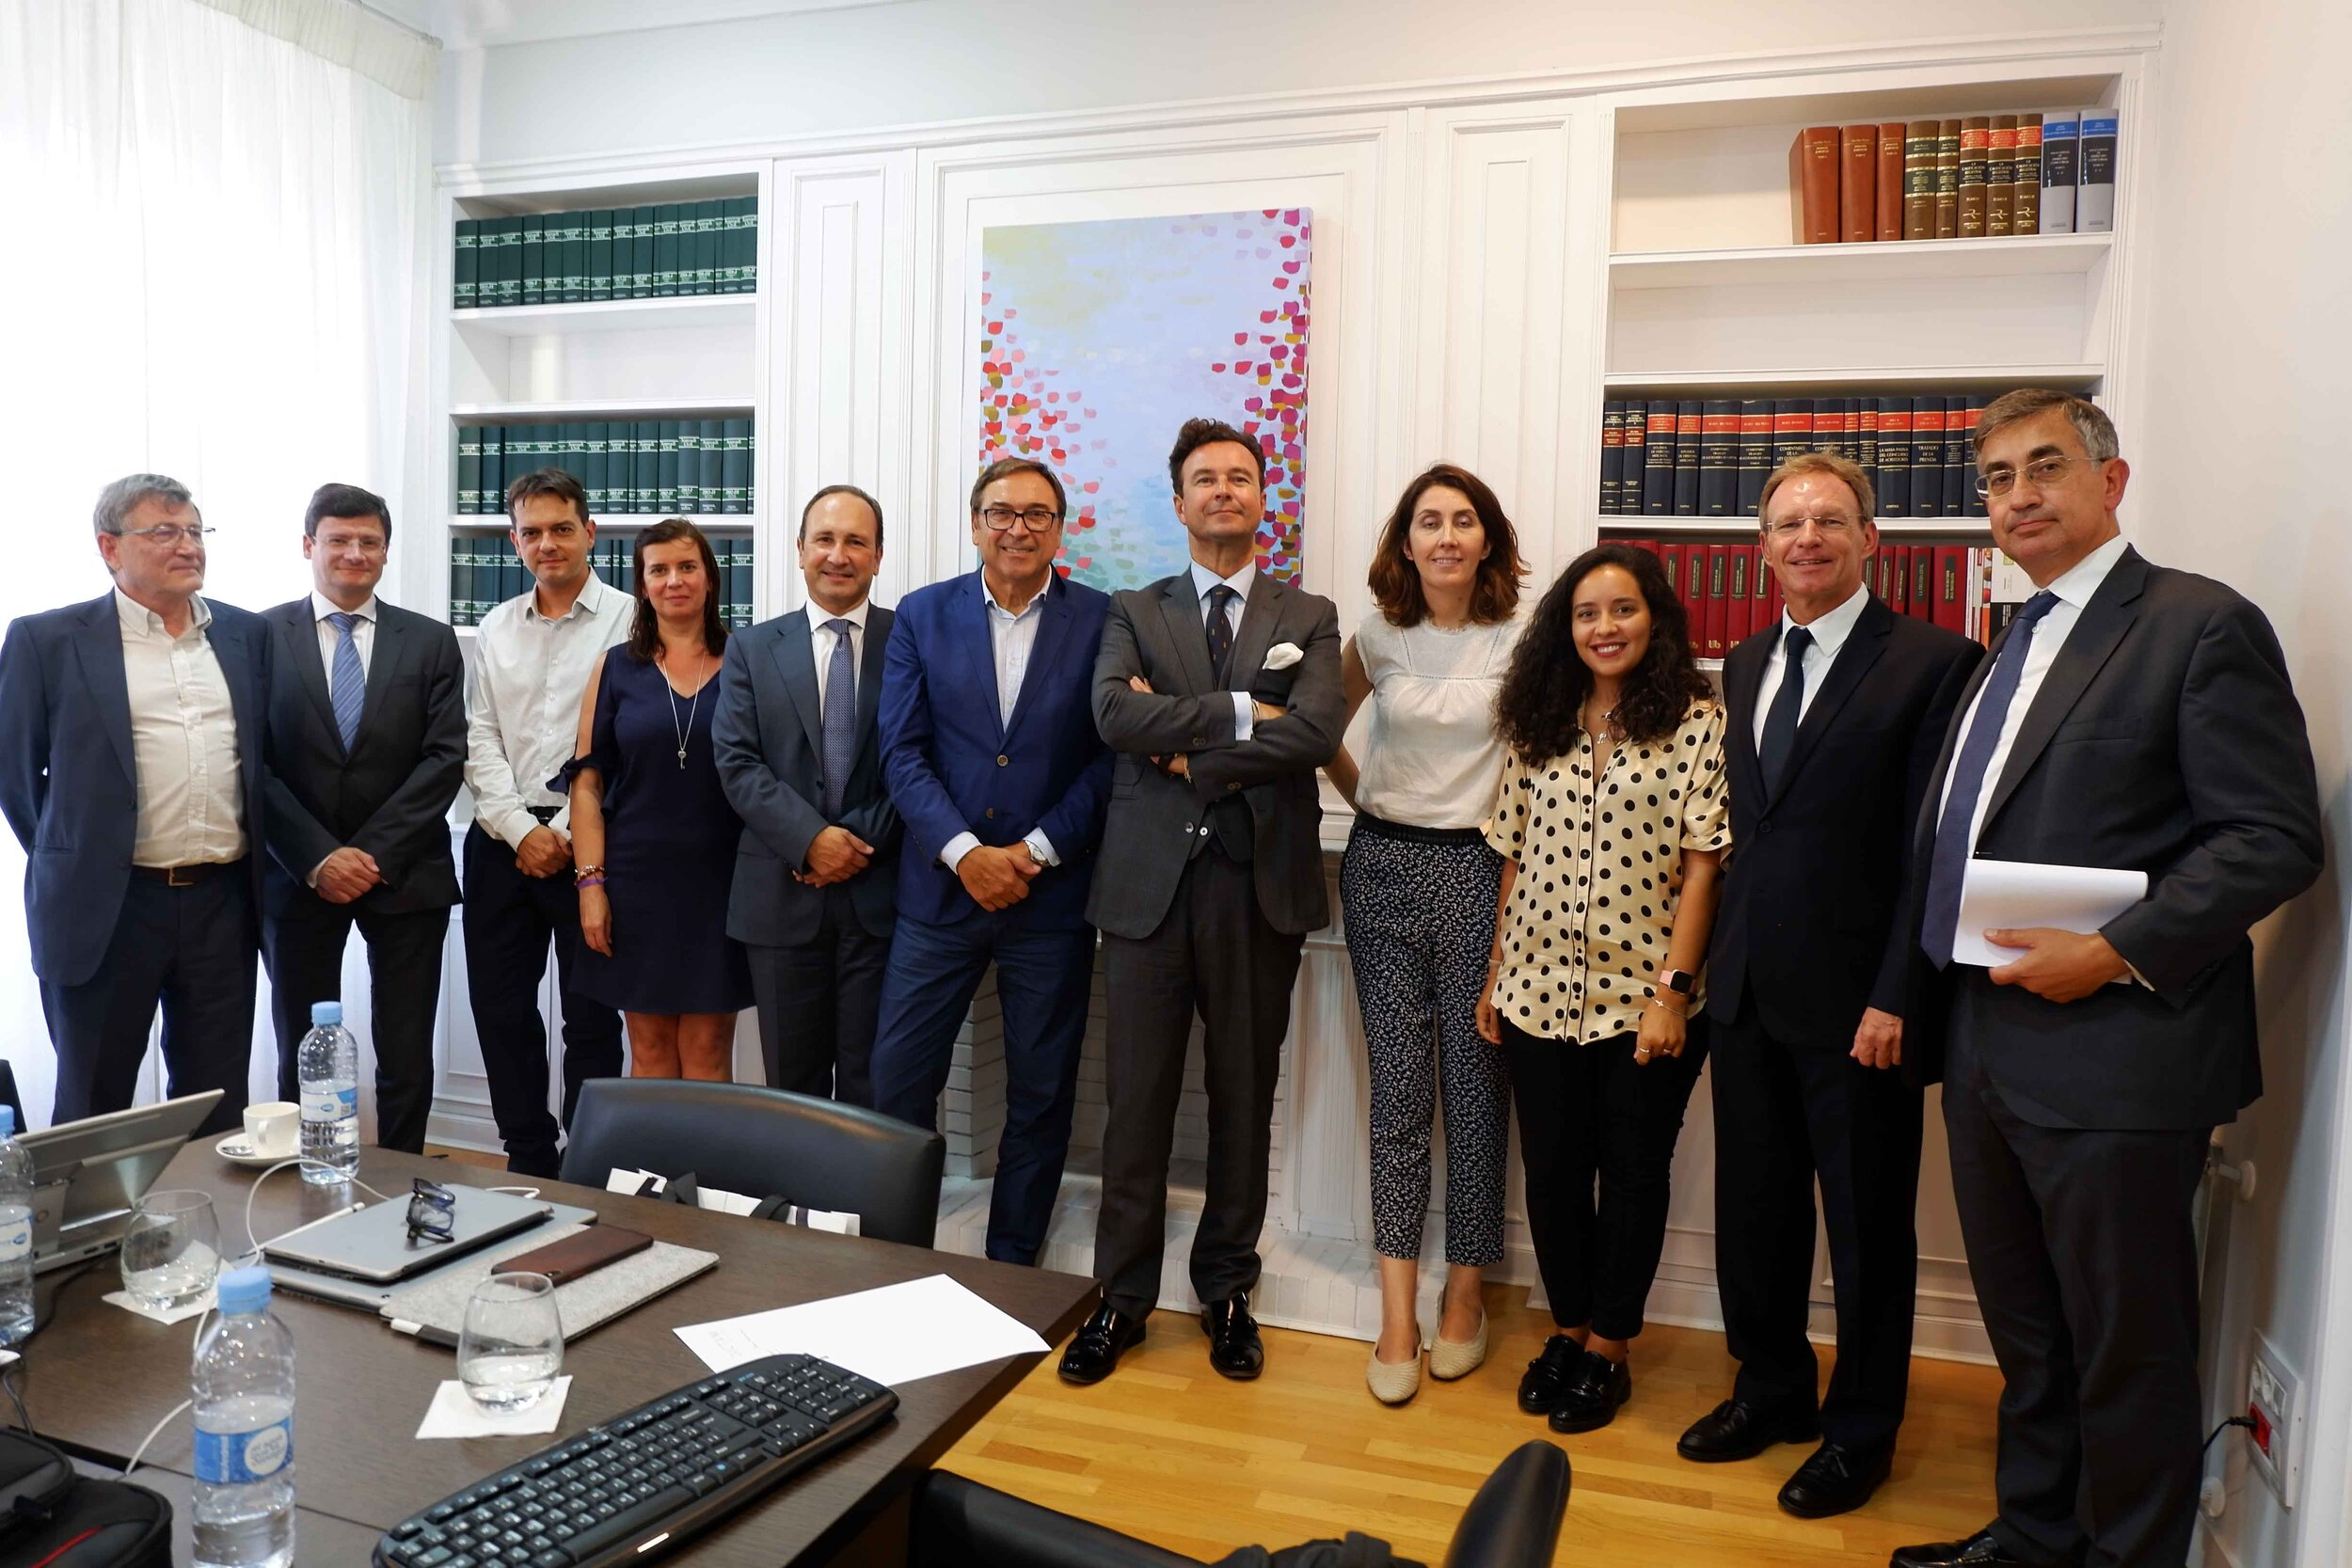 El invitado, en el centro, junto al presidente y otros consejeros de la fundación.